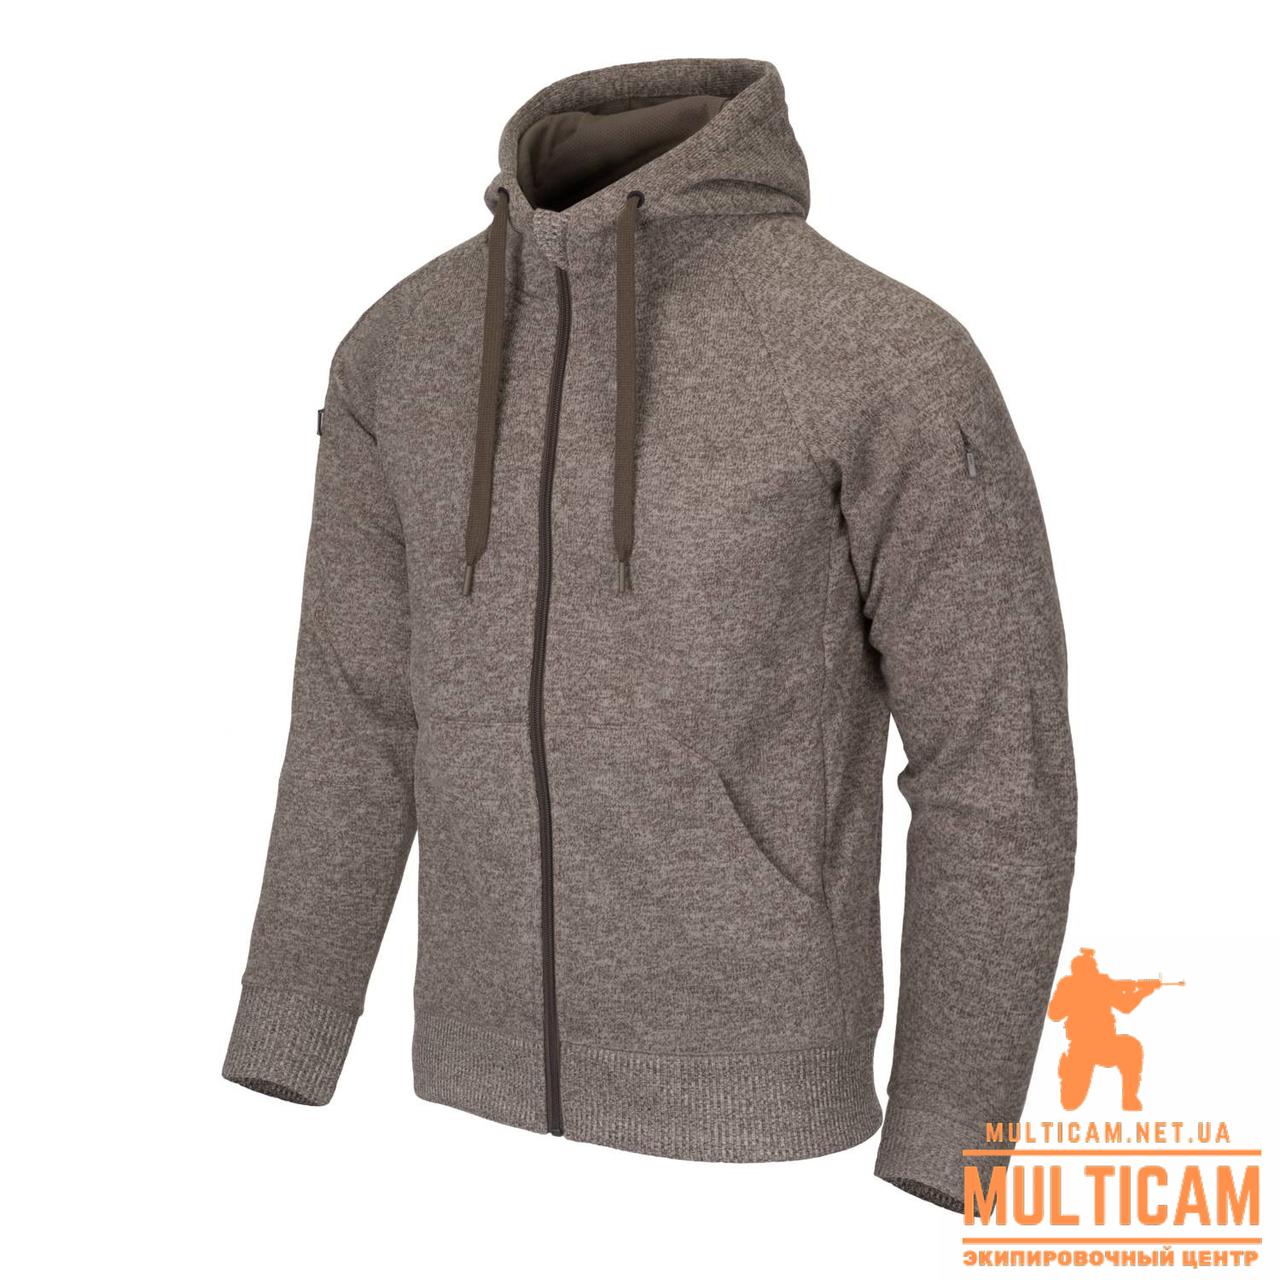 Кофта худи Helikon-Tex® Covert Hoodie (FullZip)® - Light Tan Melange